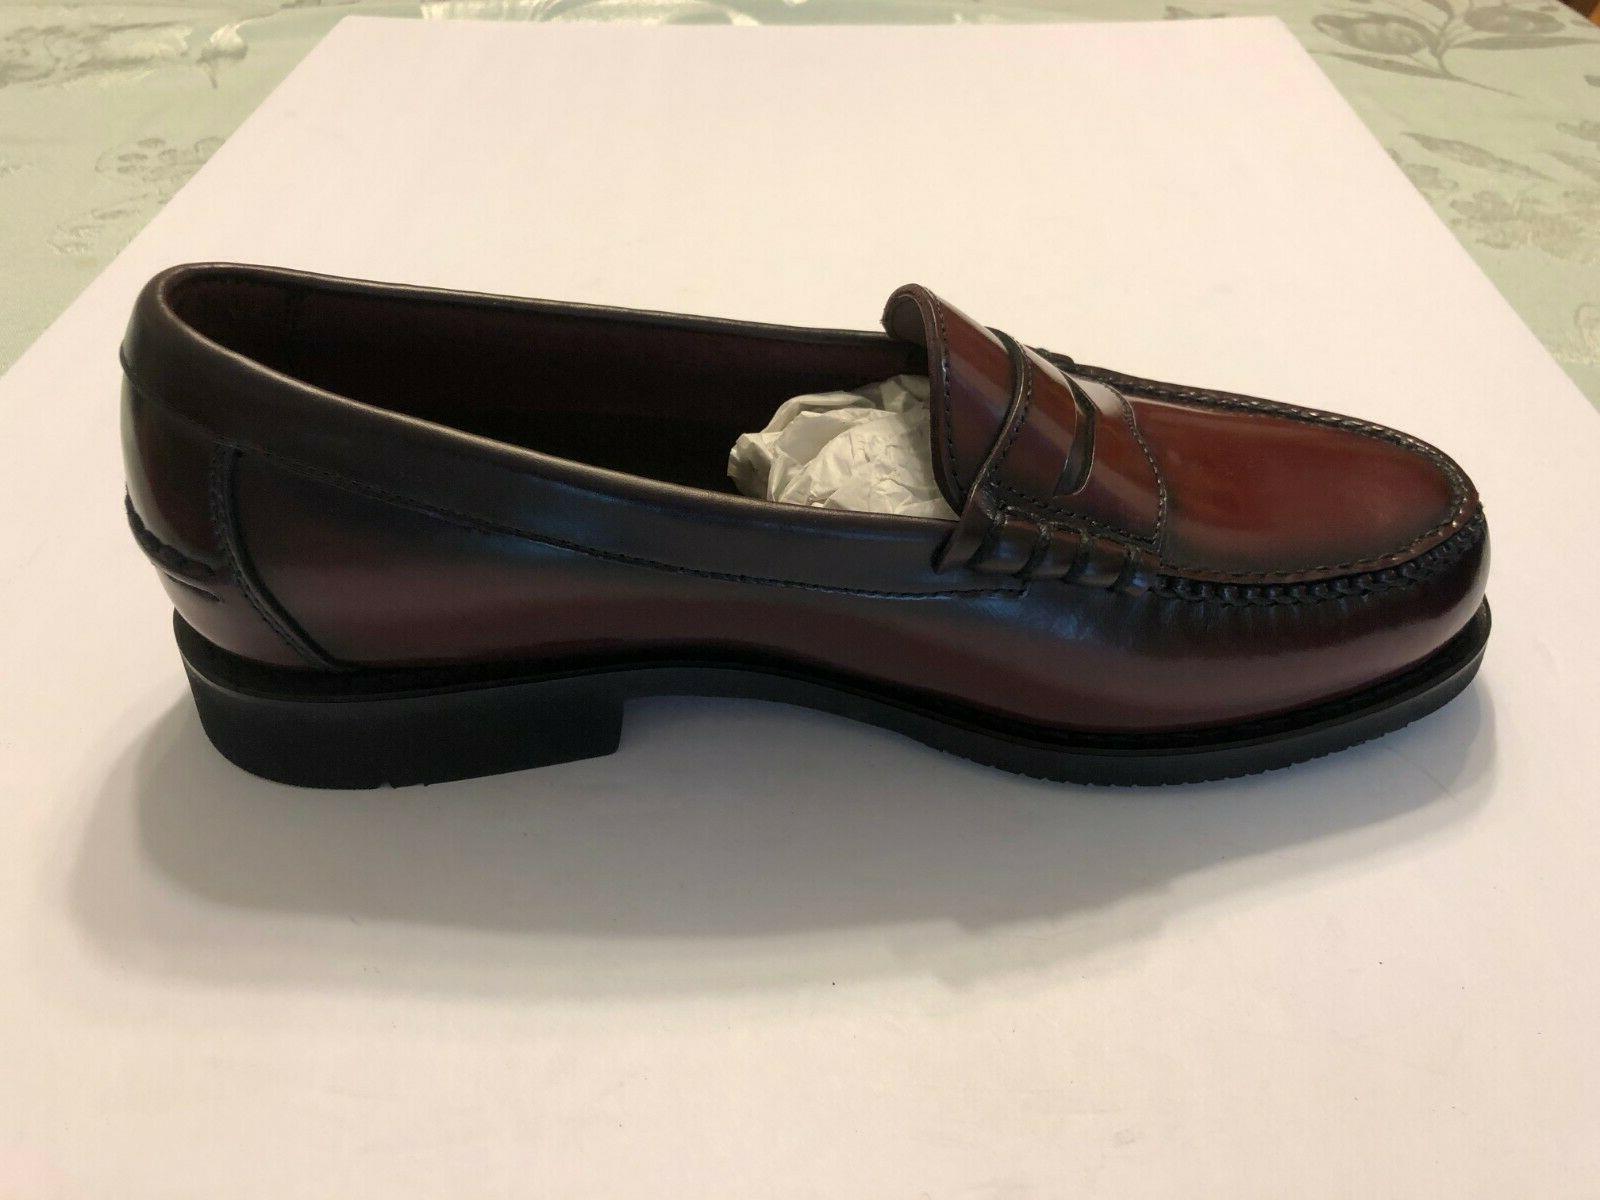 Rockport Men's Burgundy Comfort Leather Loafer